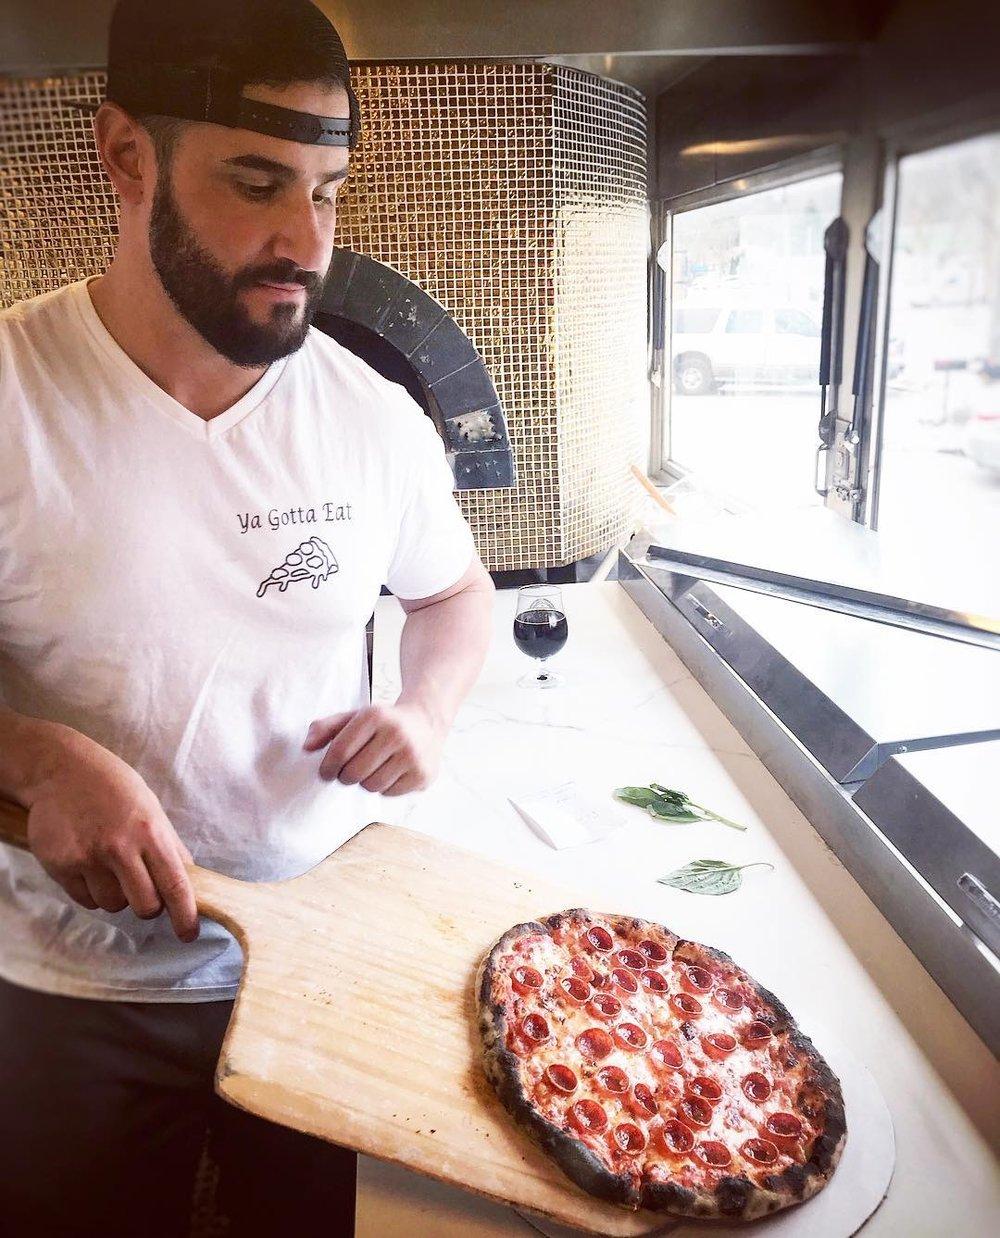 Amico Abeetz Food Truck Founder